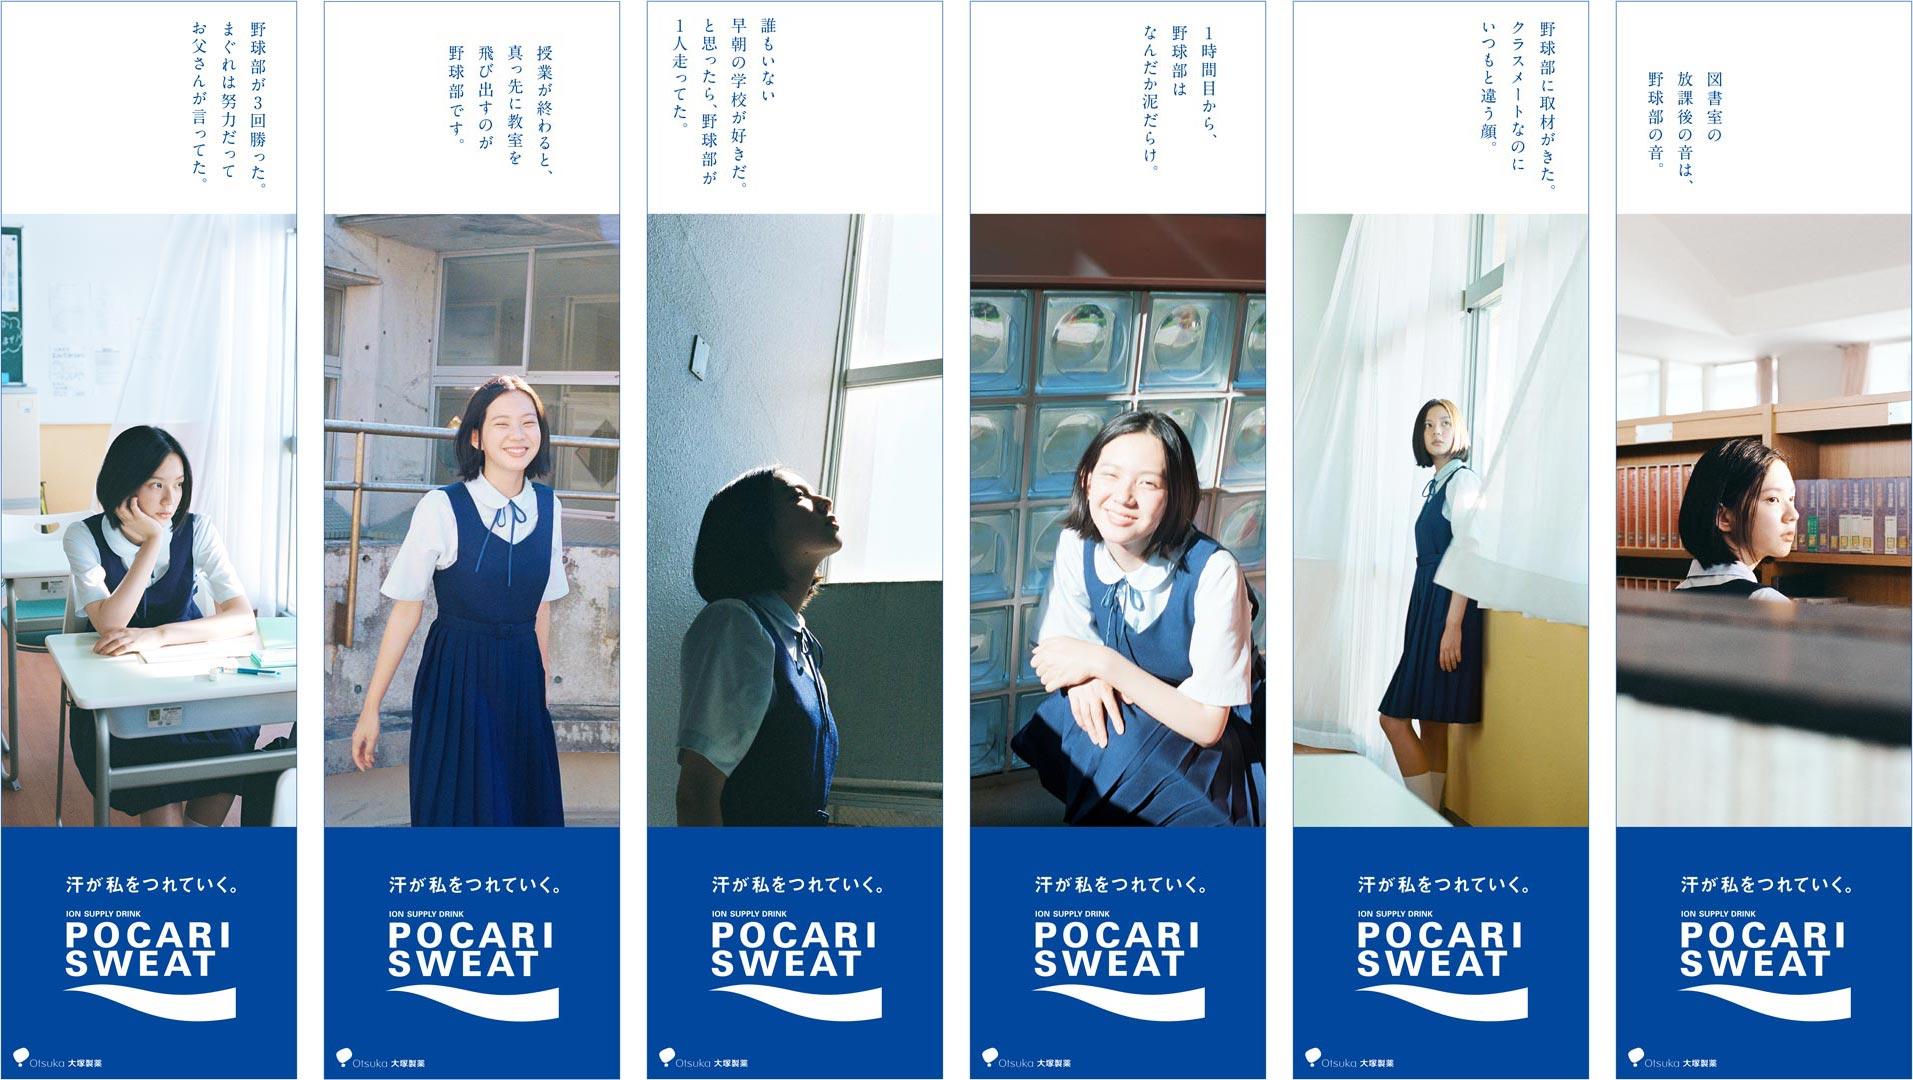 大塚製薬ポカリスエット 2021 朝日新聞広告「野球部」シリーズ